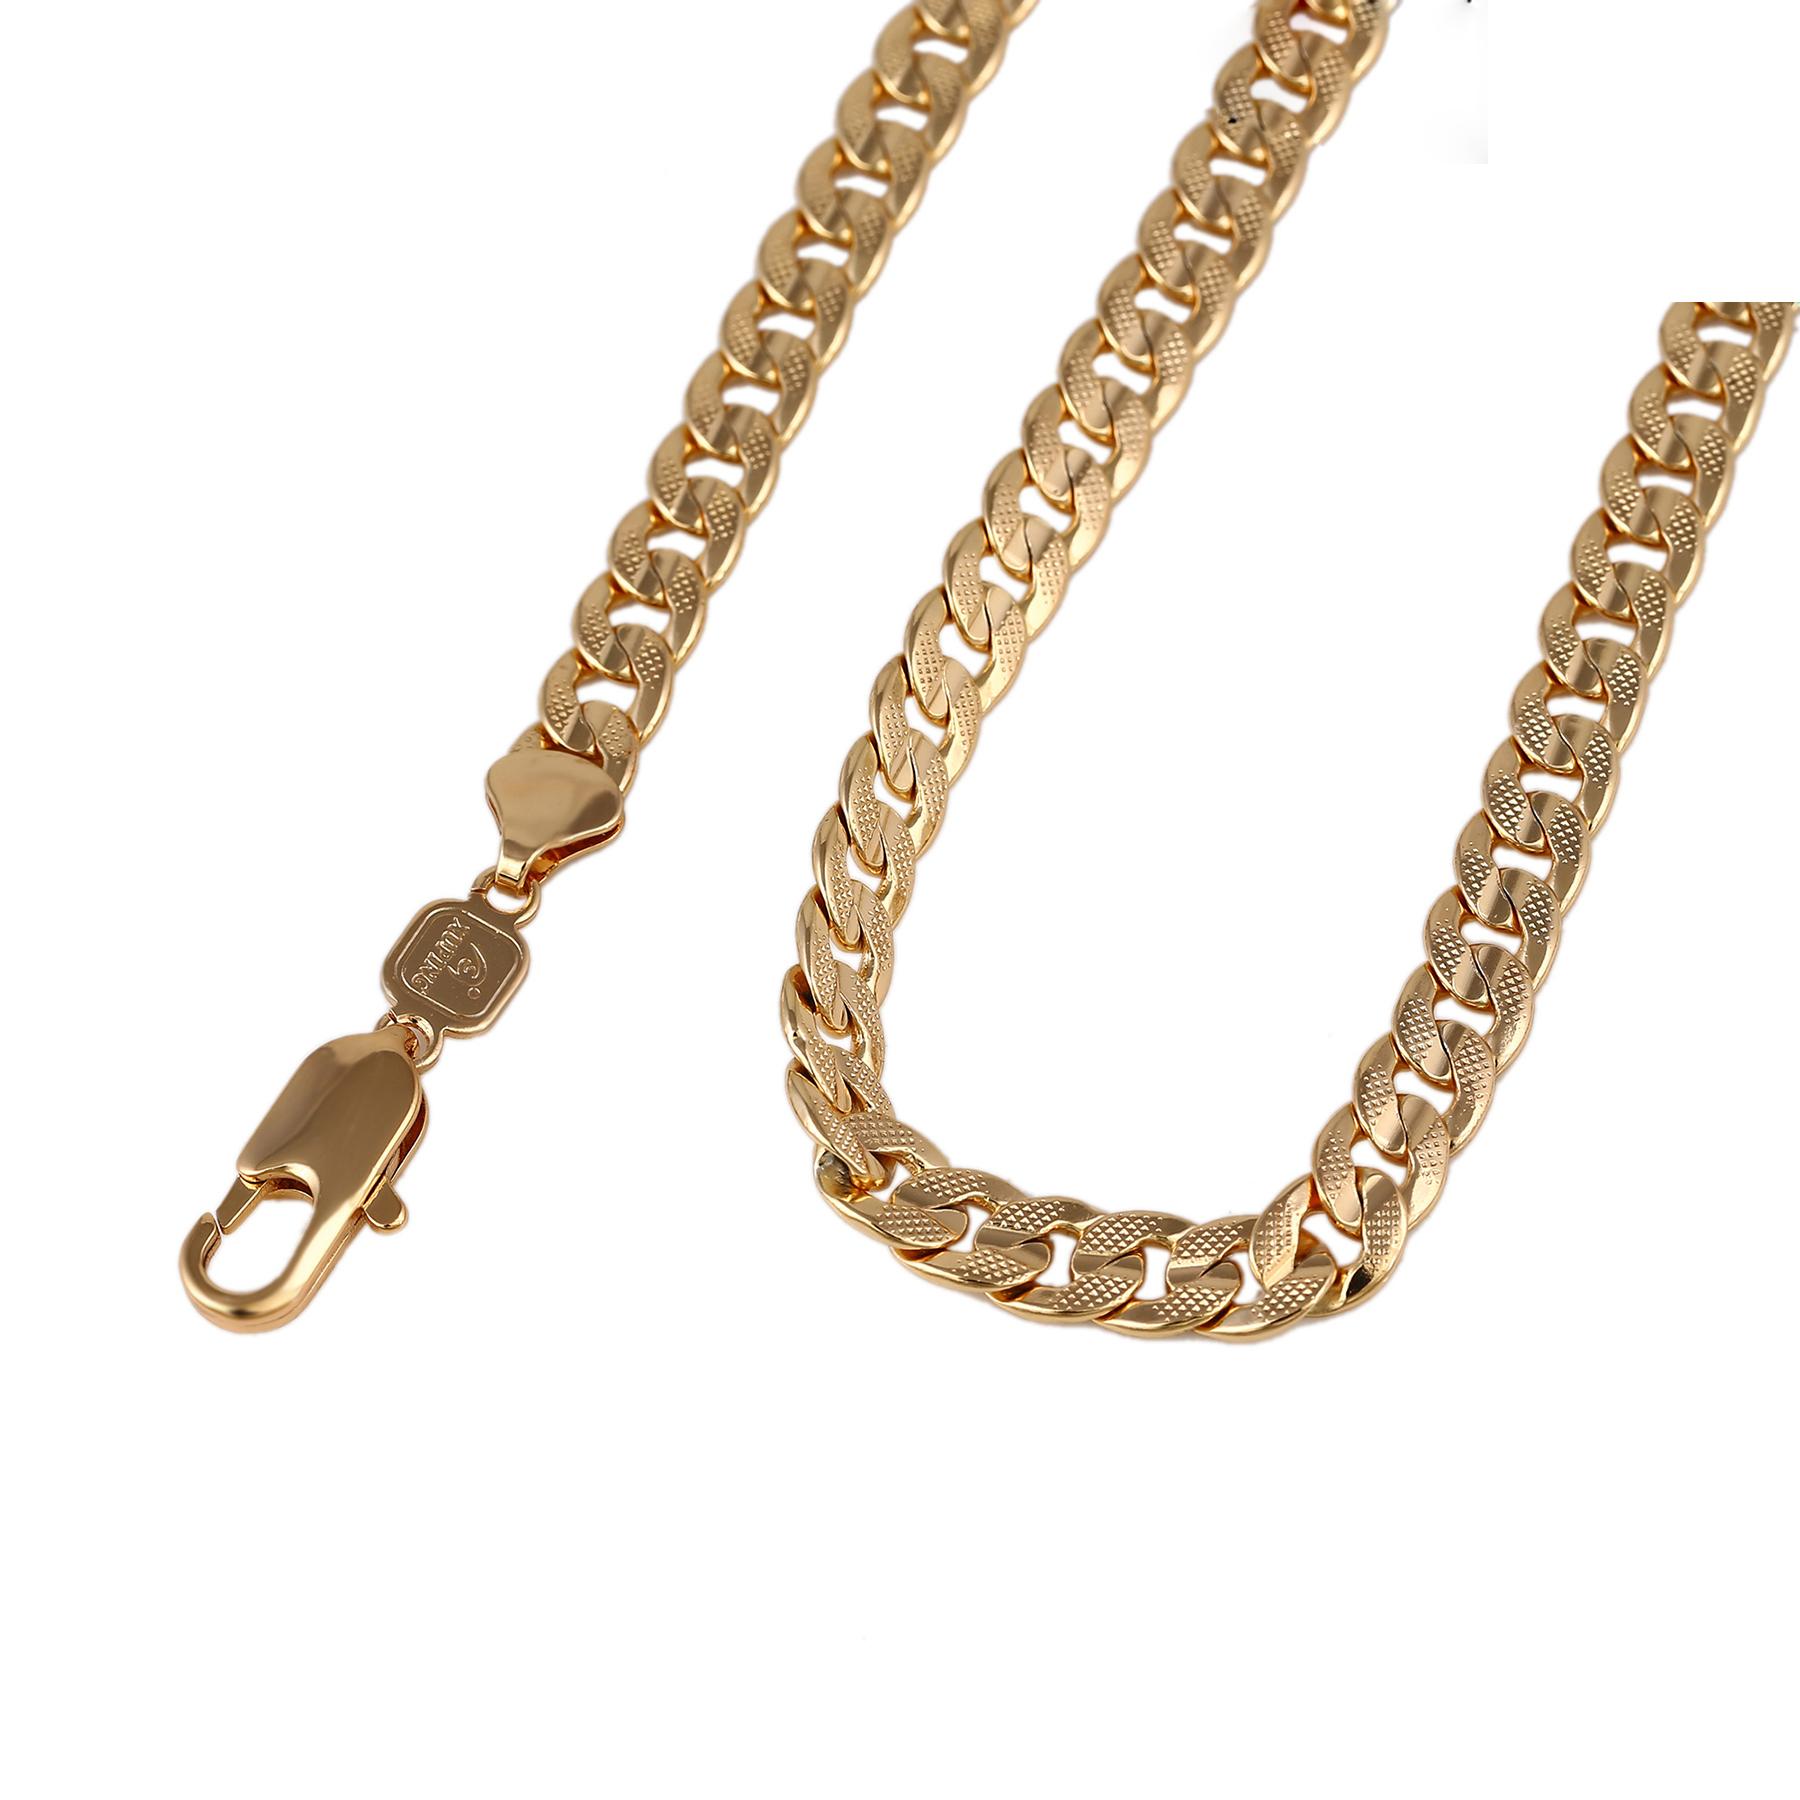 0b1fee432133 Venta al por mayor hacer collares para hombres-Compre online los ...